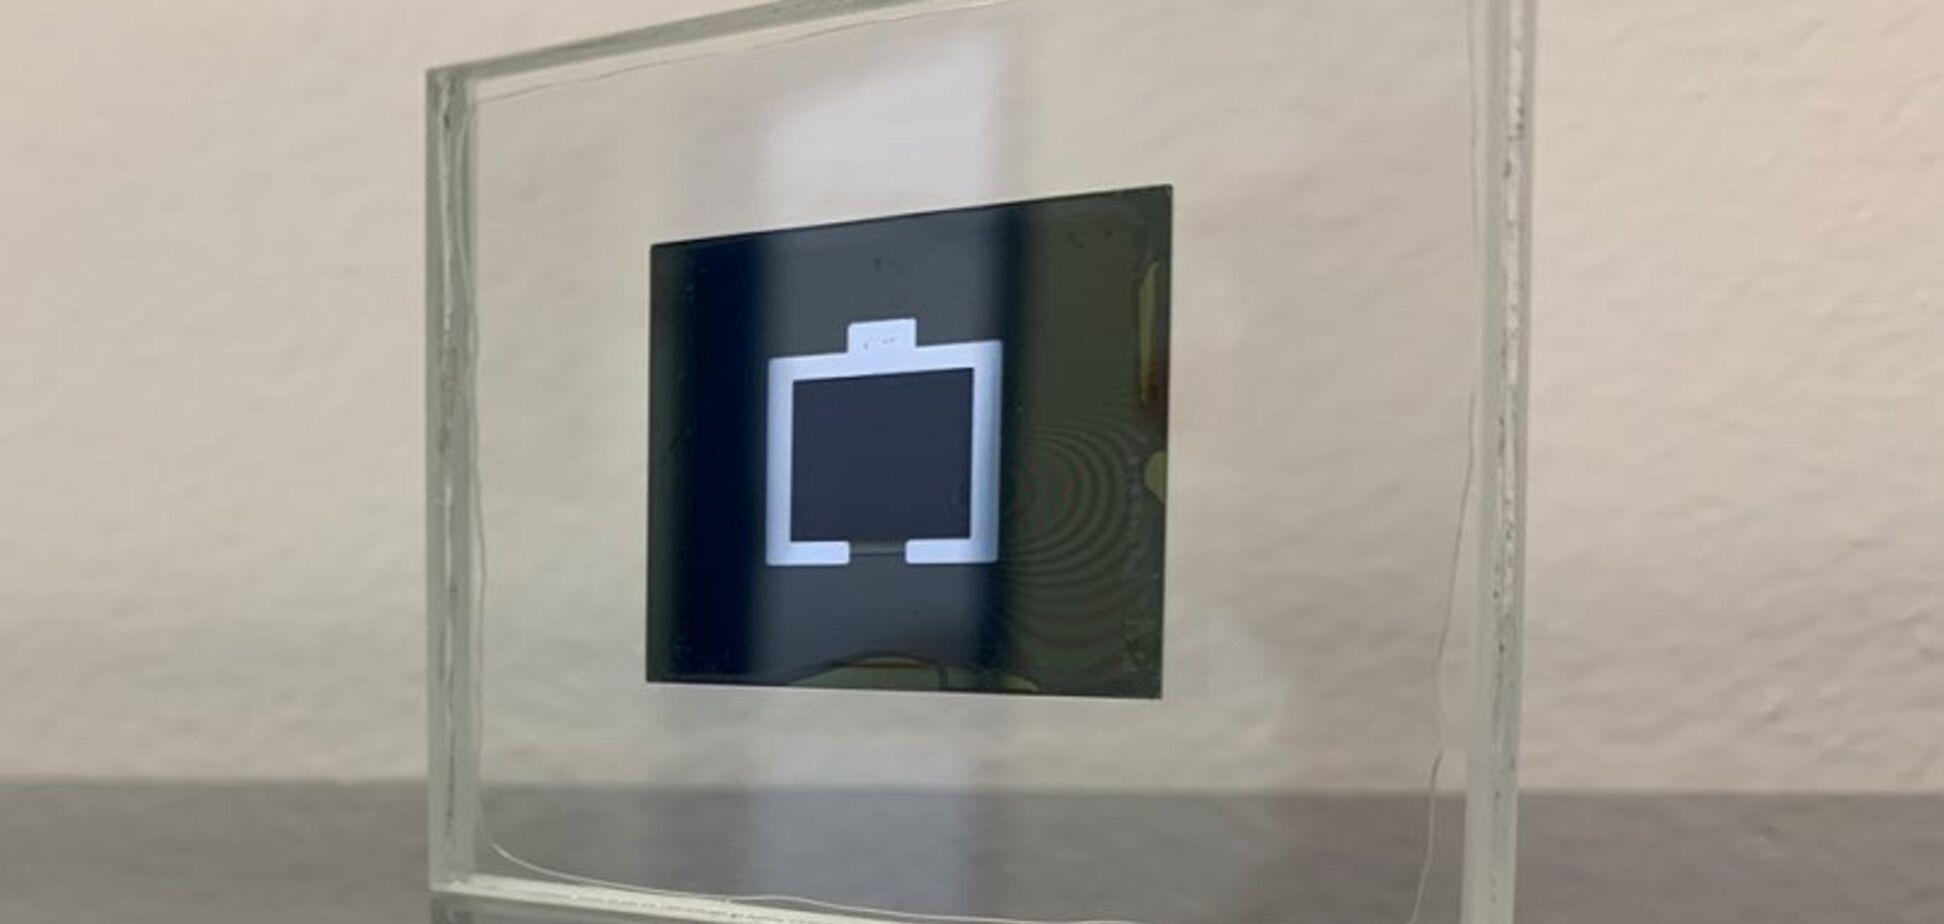 Побили світовий рекорд: вчені з Європи показали нові сонячні панелі